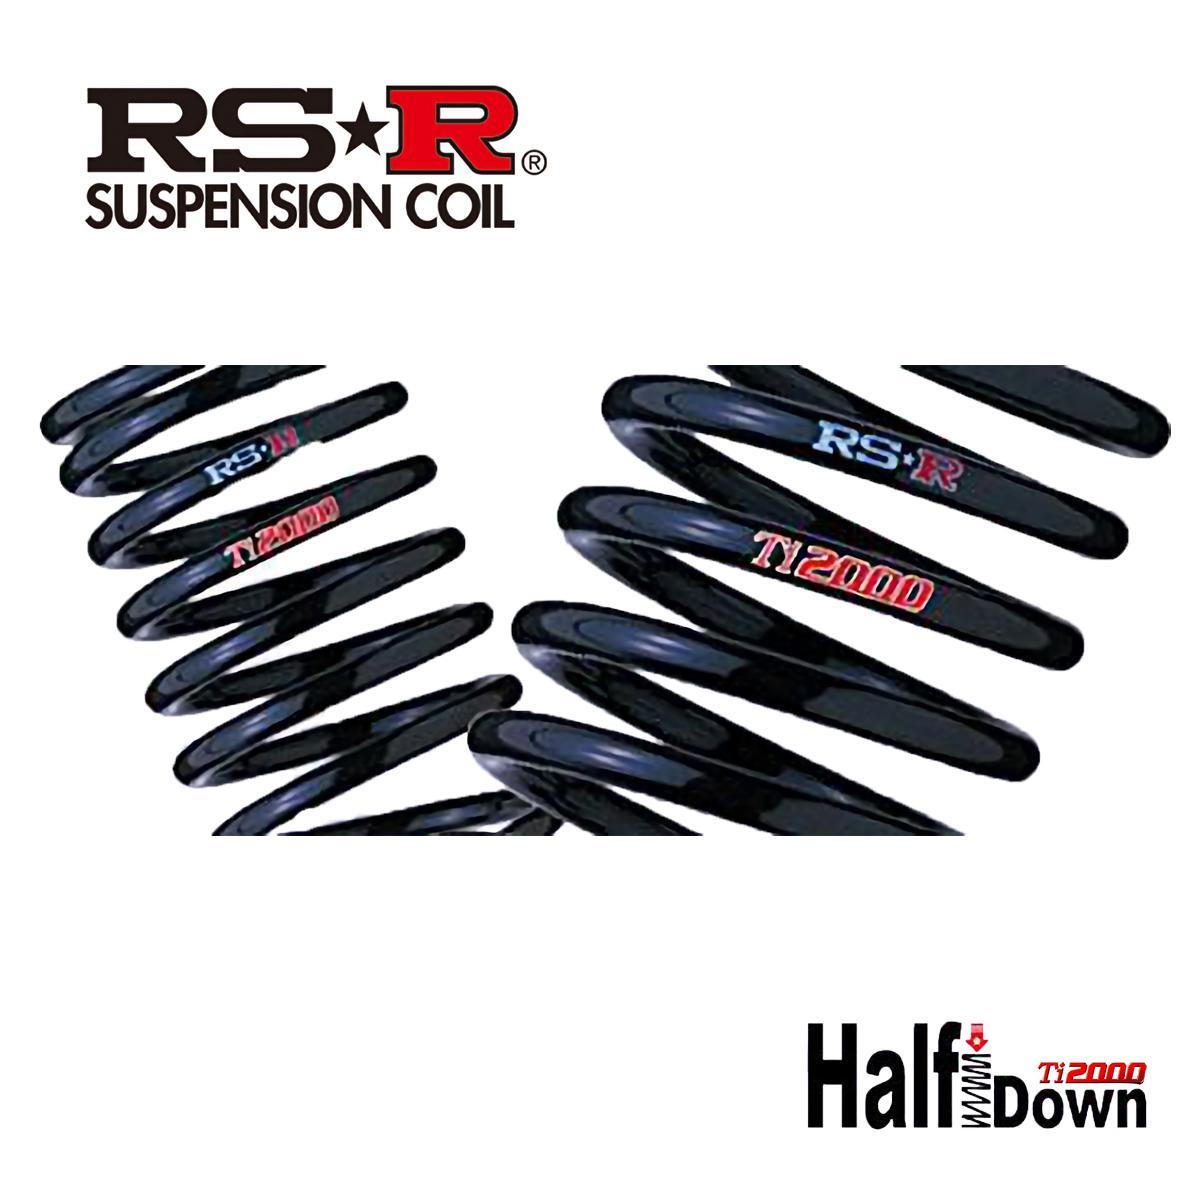 RS-R ヴェルファイア 3.5VL GGH30W ダウンサス スプリング フロント T941THDF Ti2000 ハーフダウン RSR 個人宅発送追金有